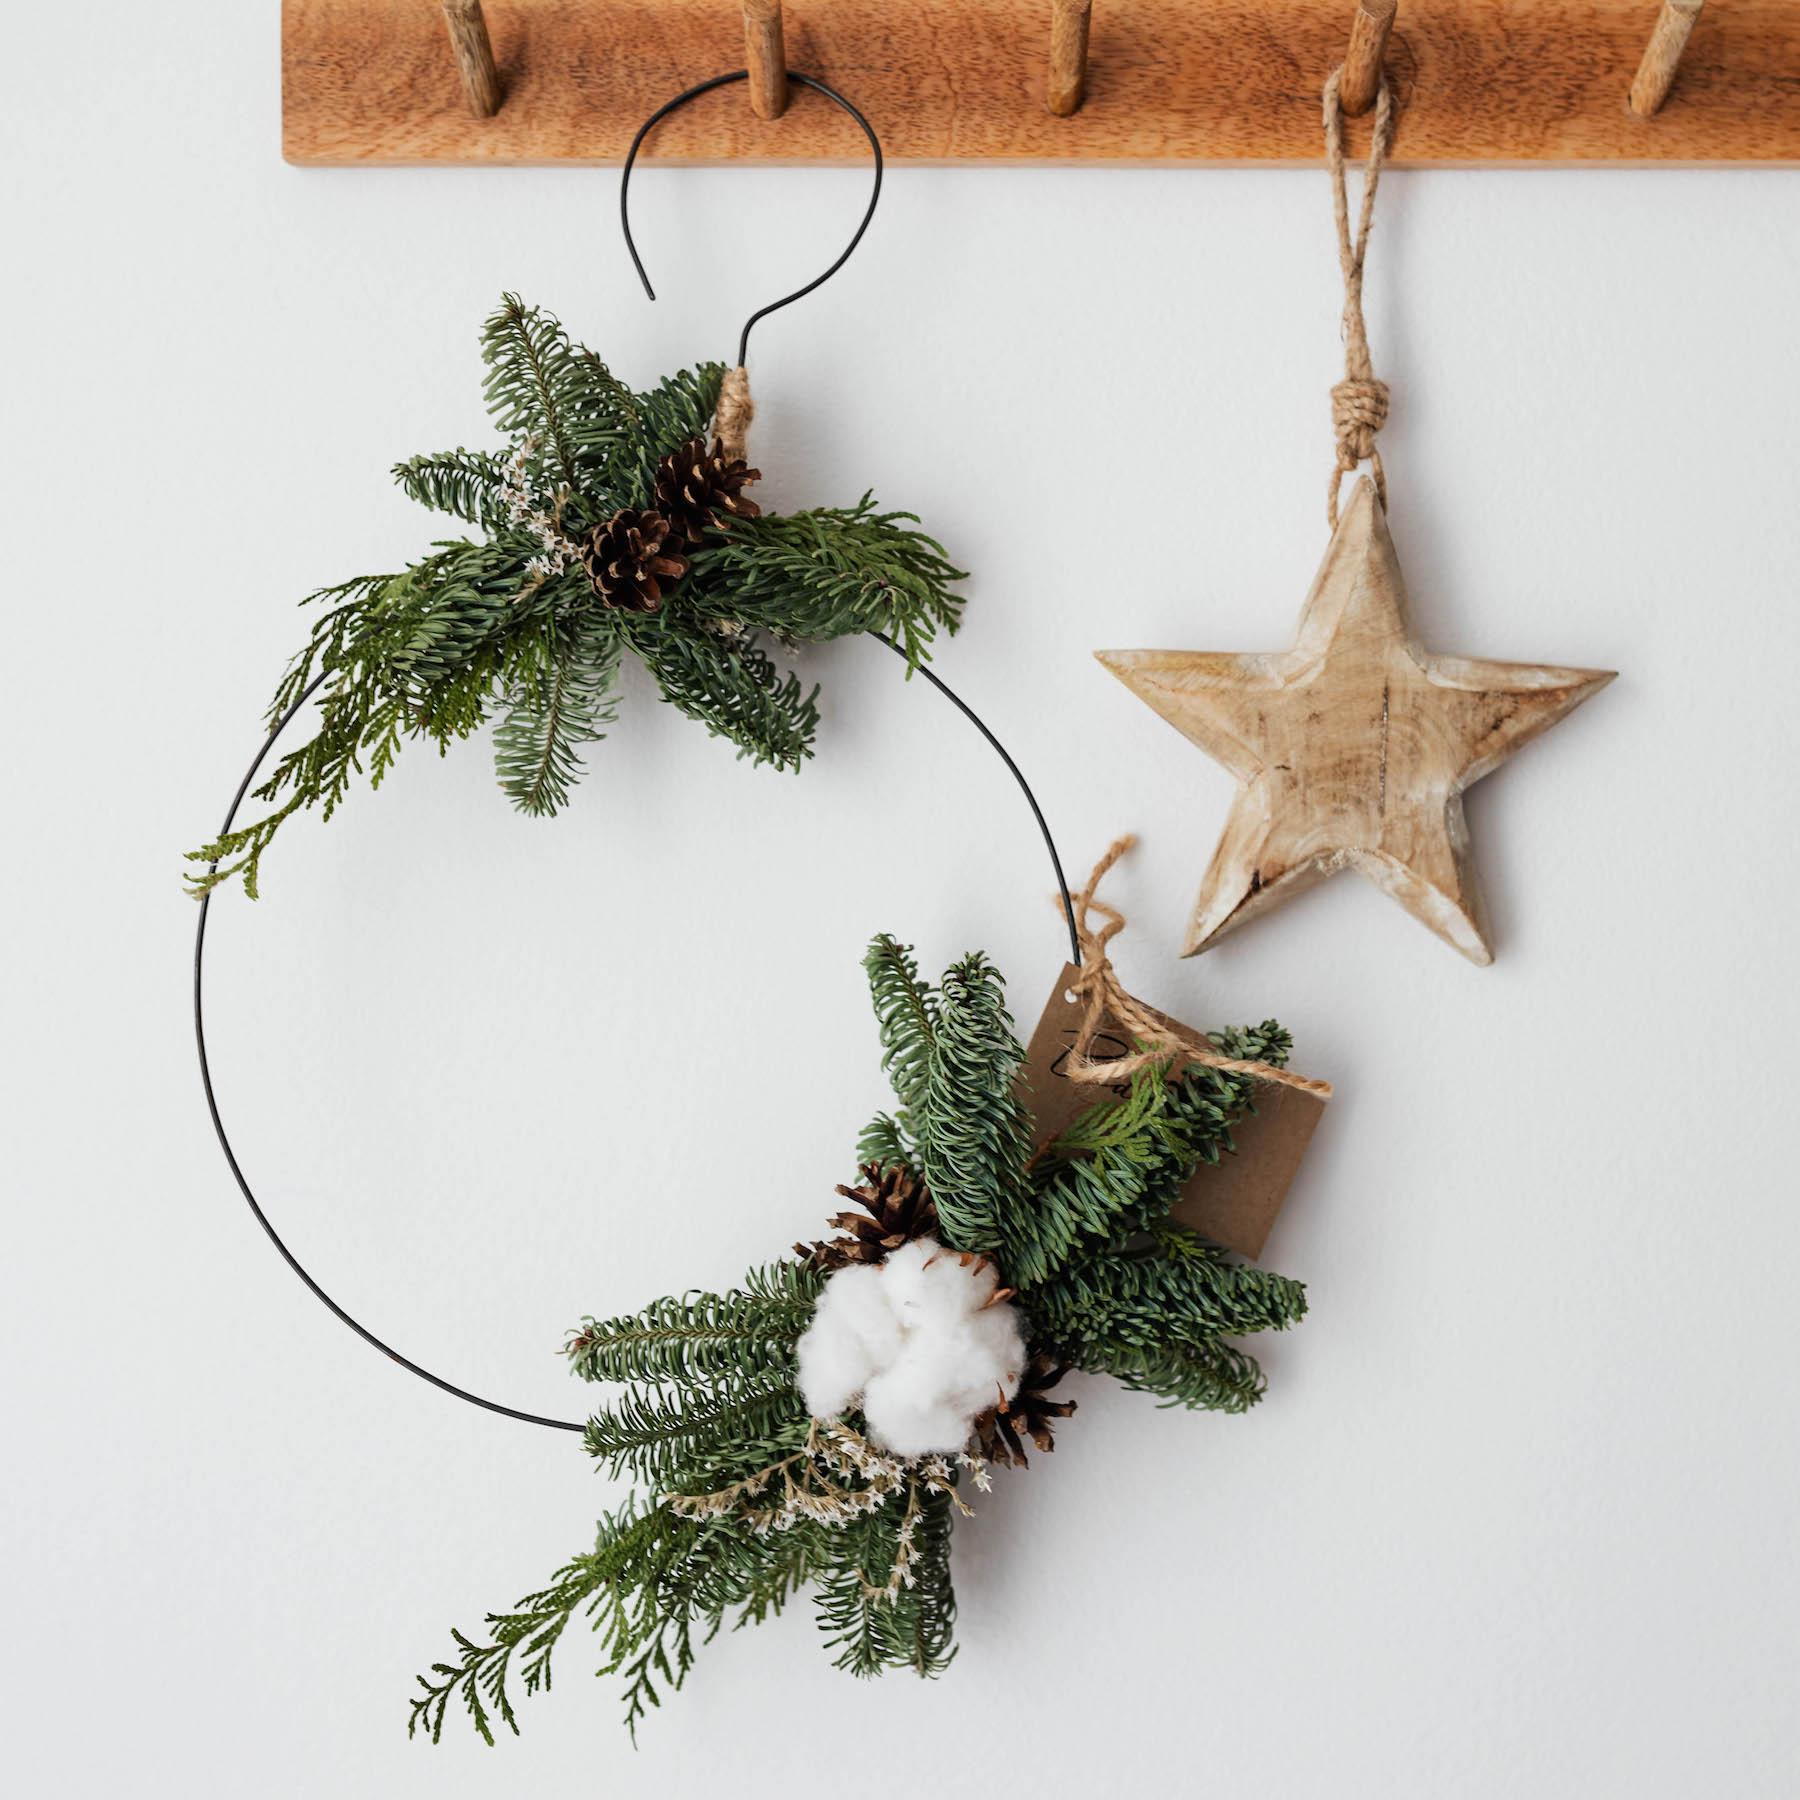 Weihnachtsfeiertage suelovesnyc_weihnachtsfeiertage